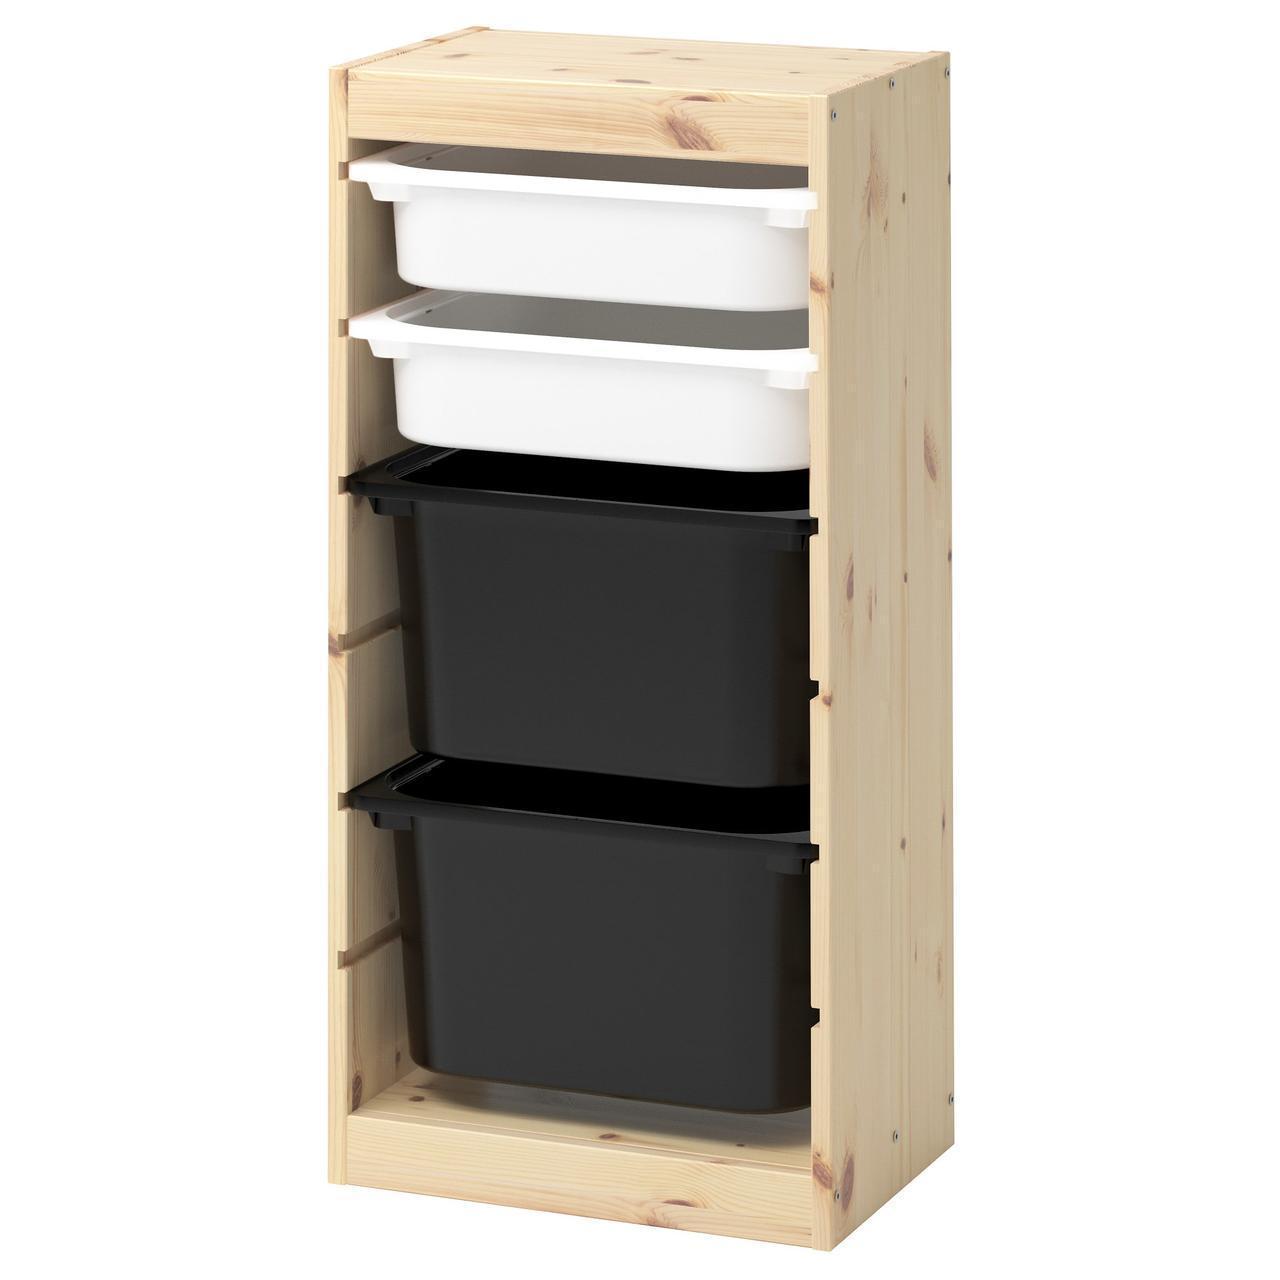 Комод для игрушек IKEA TROFAST 44x30x91 см сосна белый черный 392.408.91